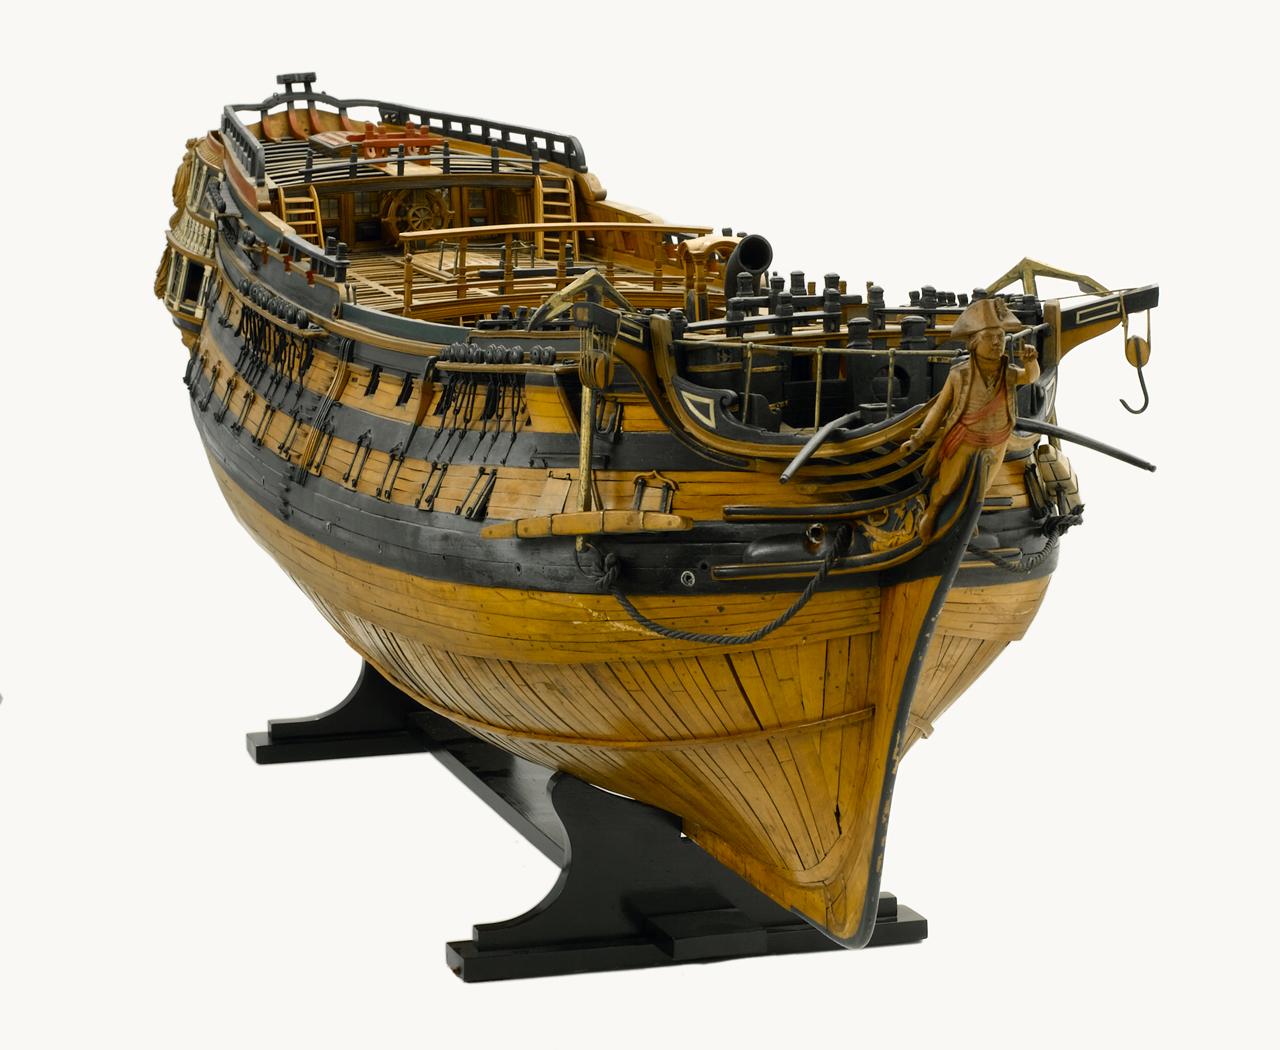 Английский, линейный, 74-пушечный, двухпалубный корабль третьего ранга. Примерно 1790 год